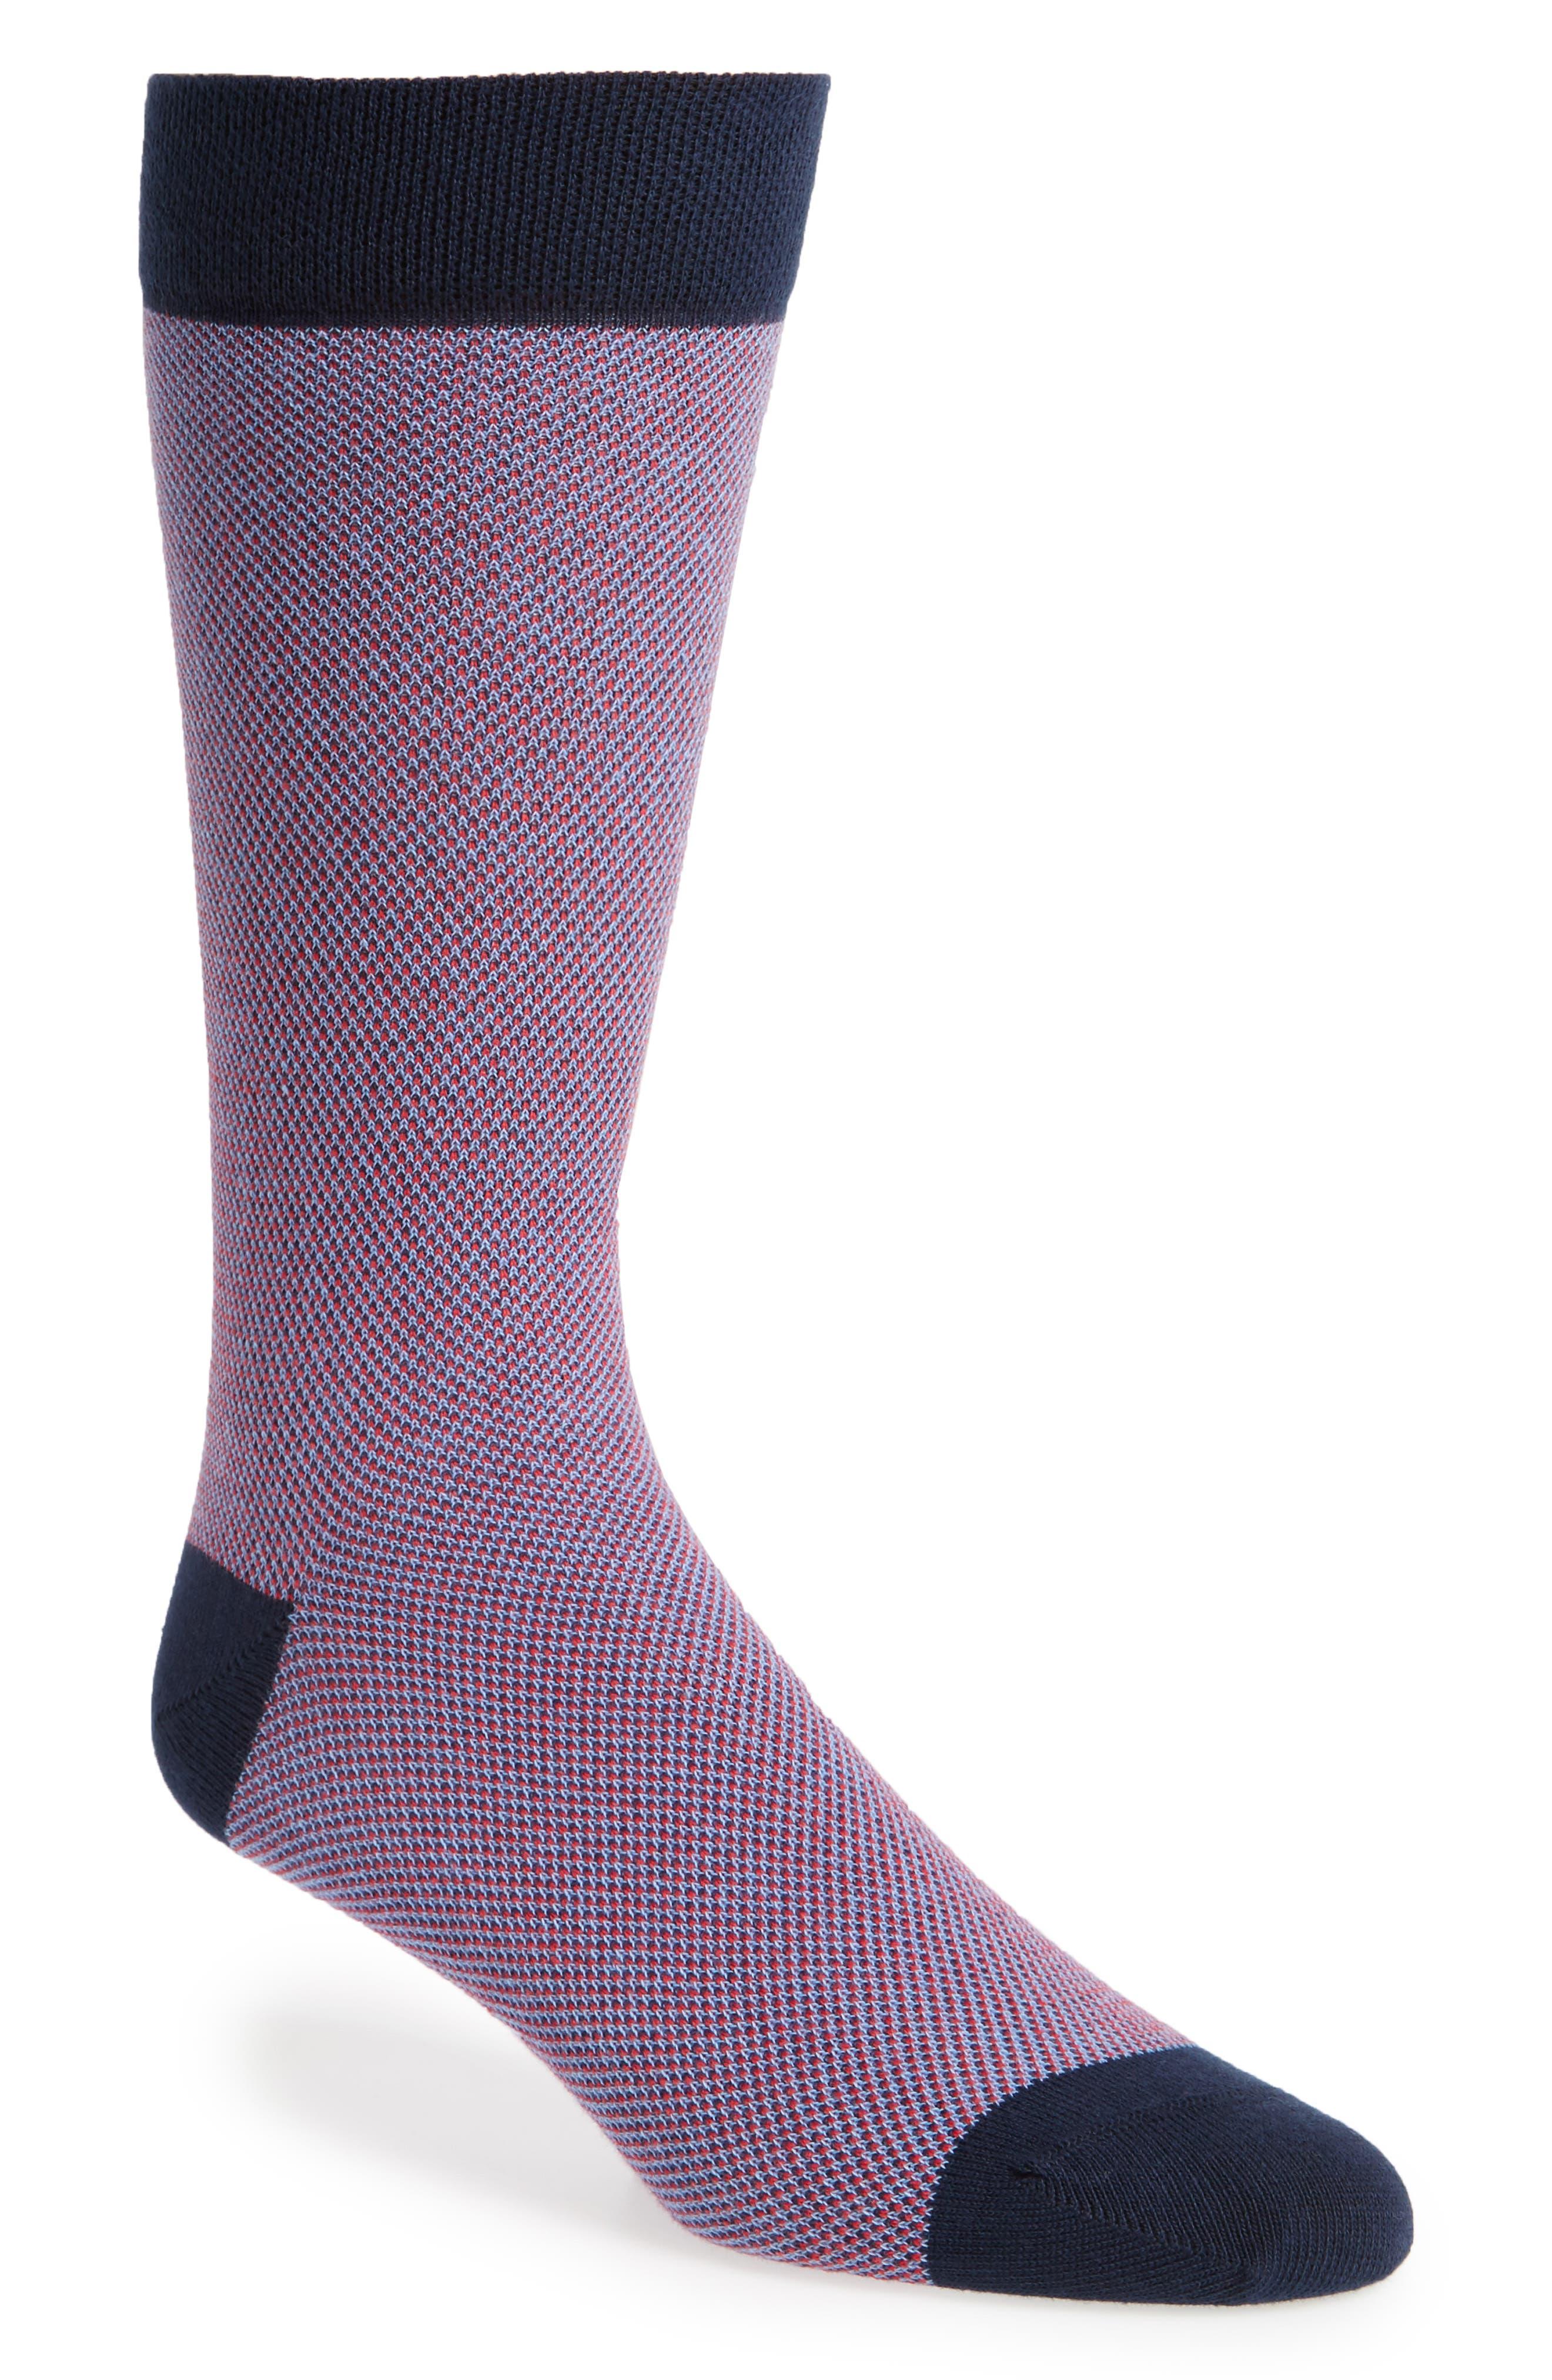 Joaquim Solid Socks,                             Main thumbnail 5, color,